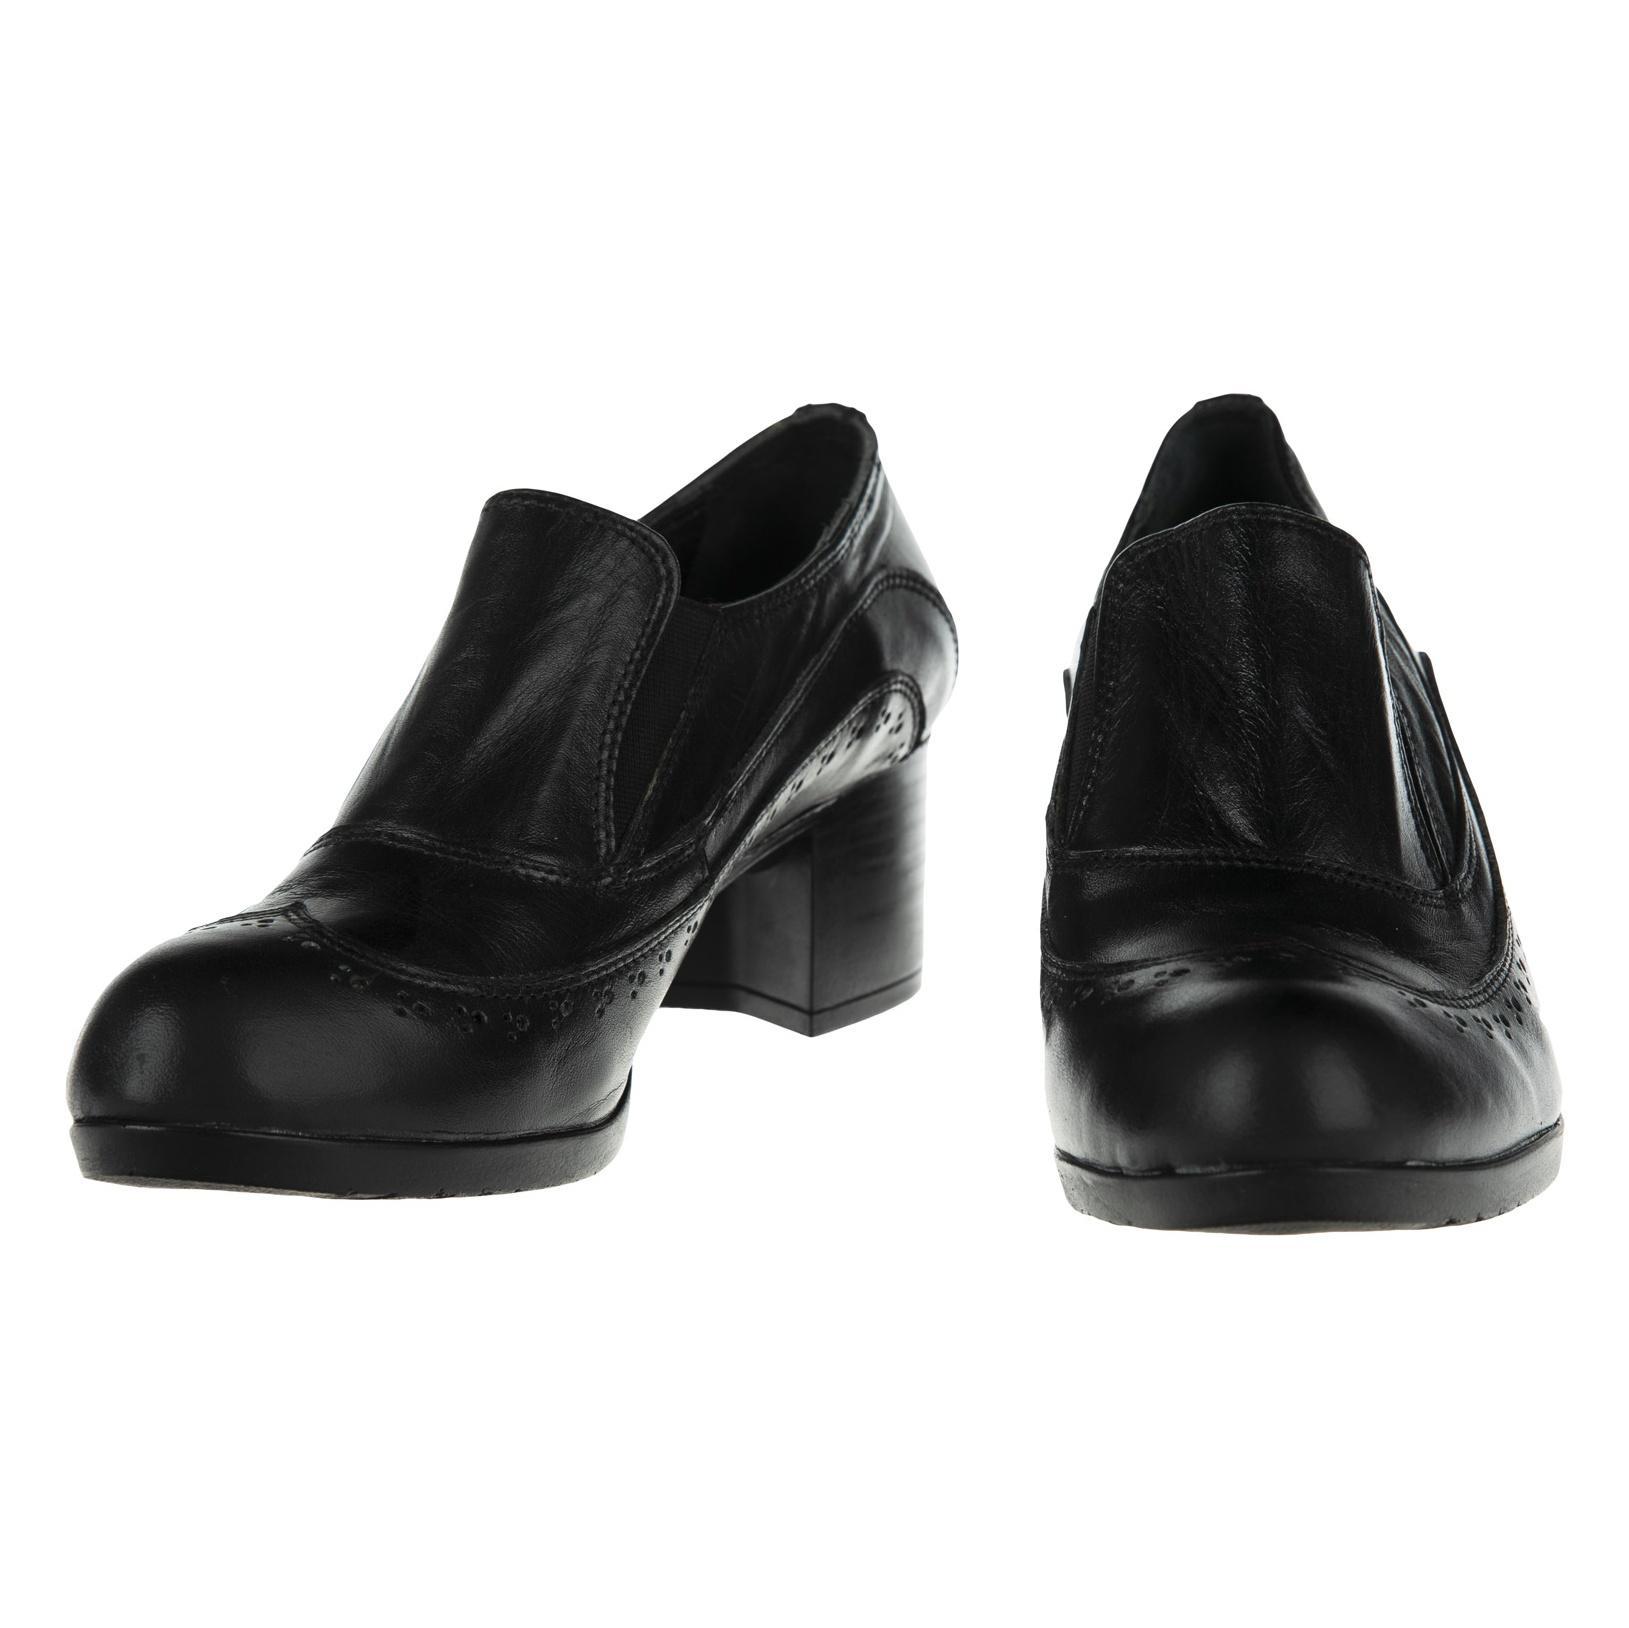 کفش زنانه بلوط مدل BT5144B-101 main 1 3